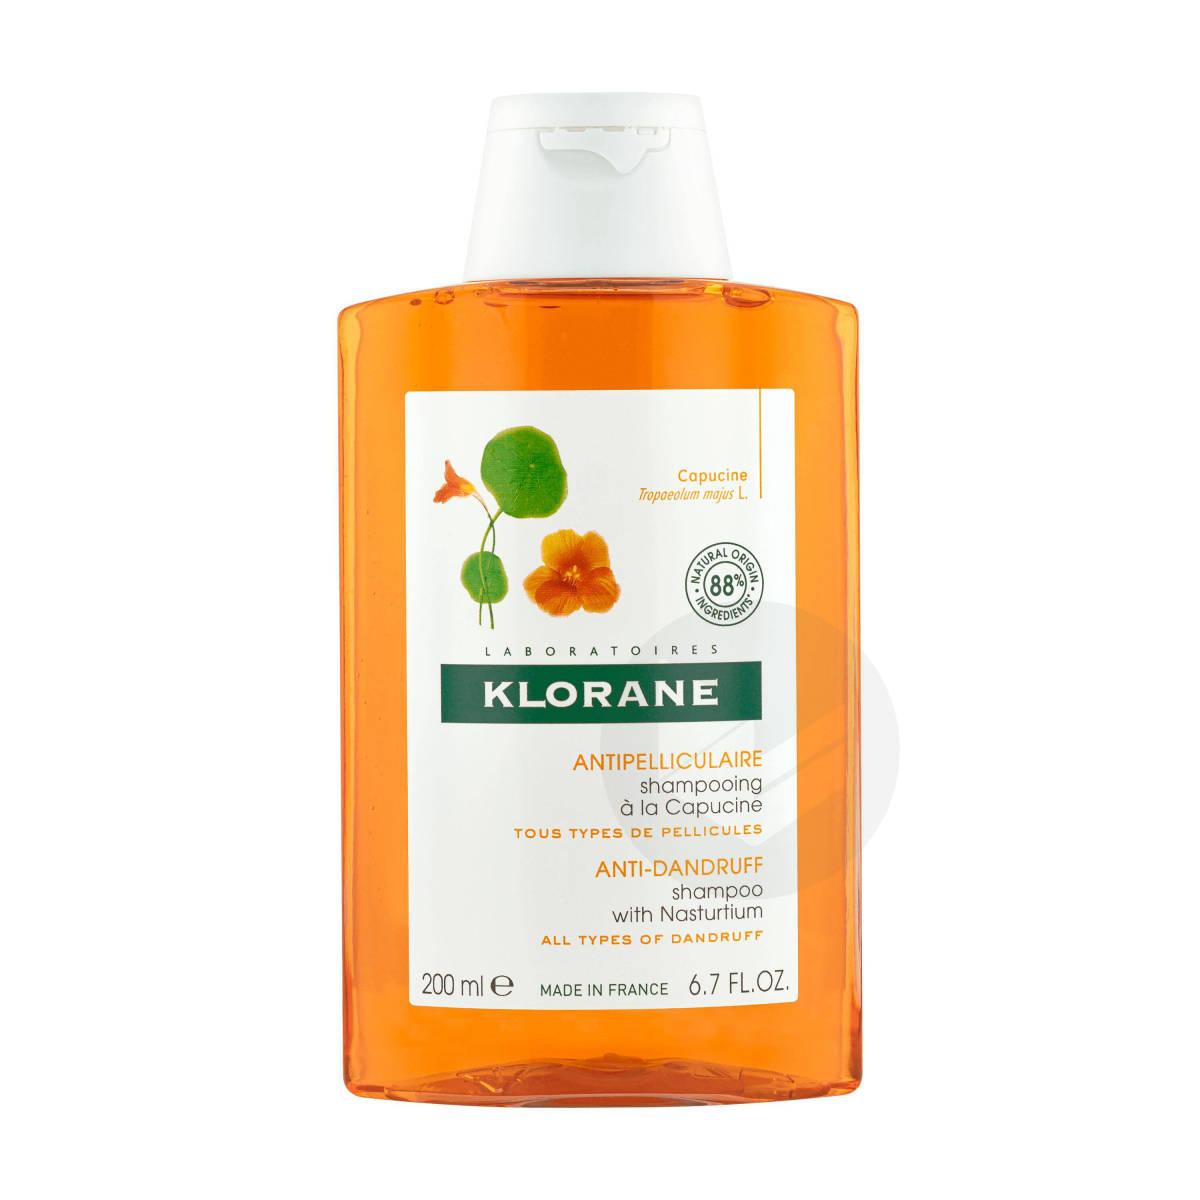 Shampoing Antipelliculaire à la Capucine 200ml